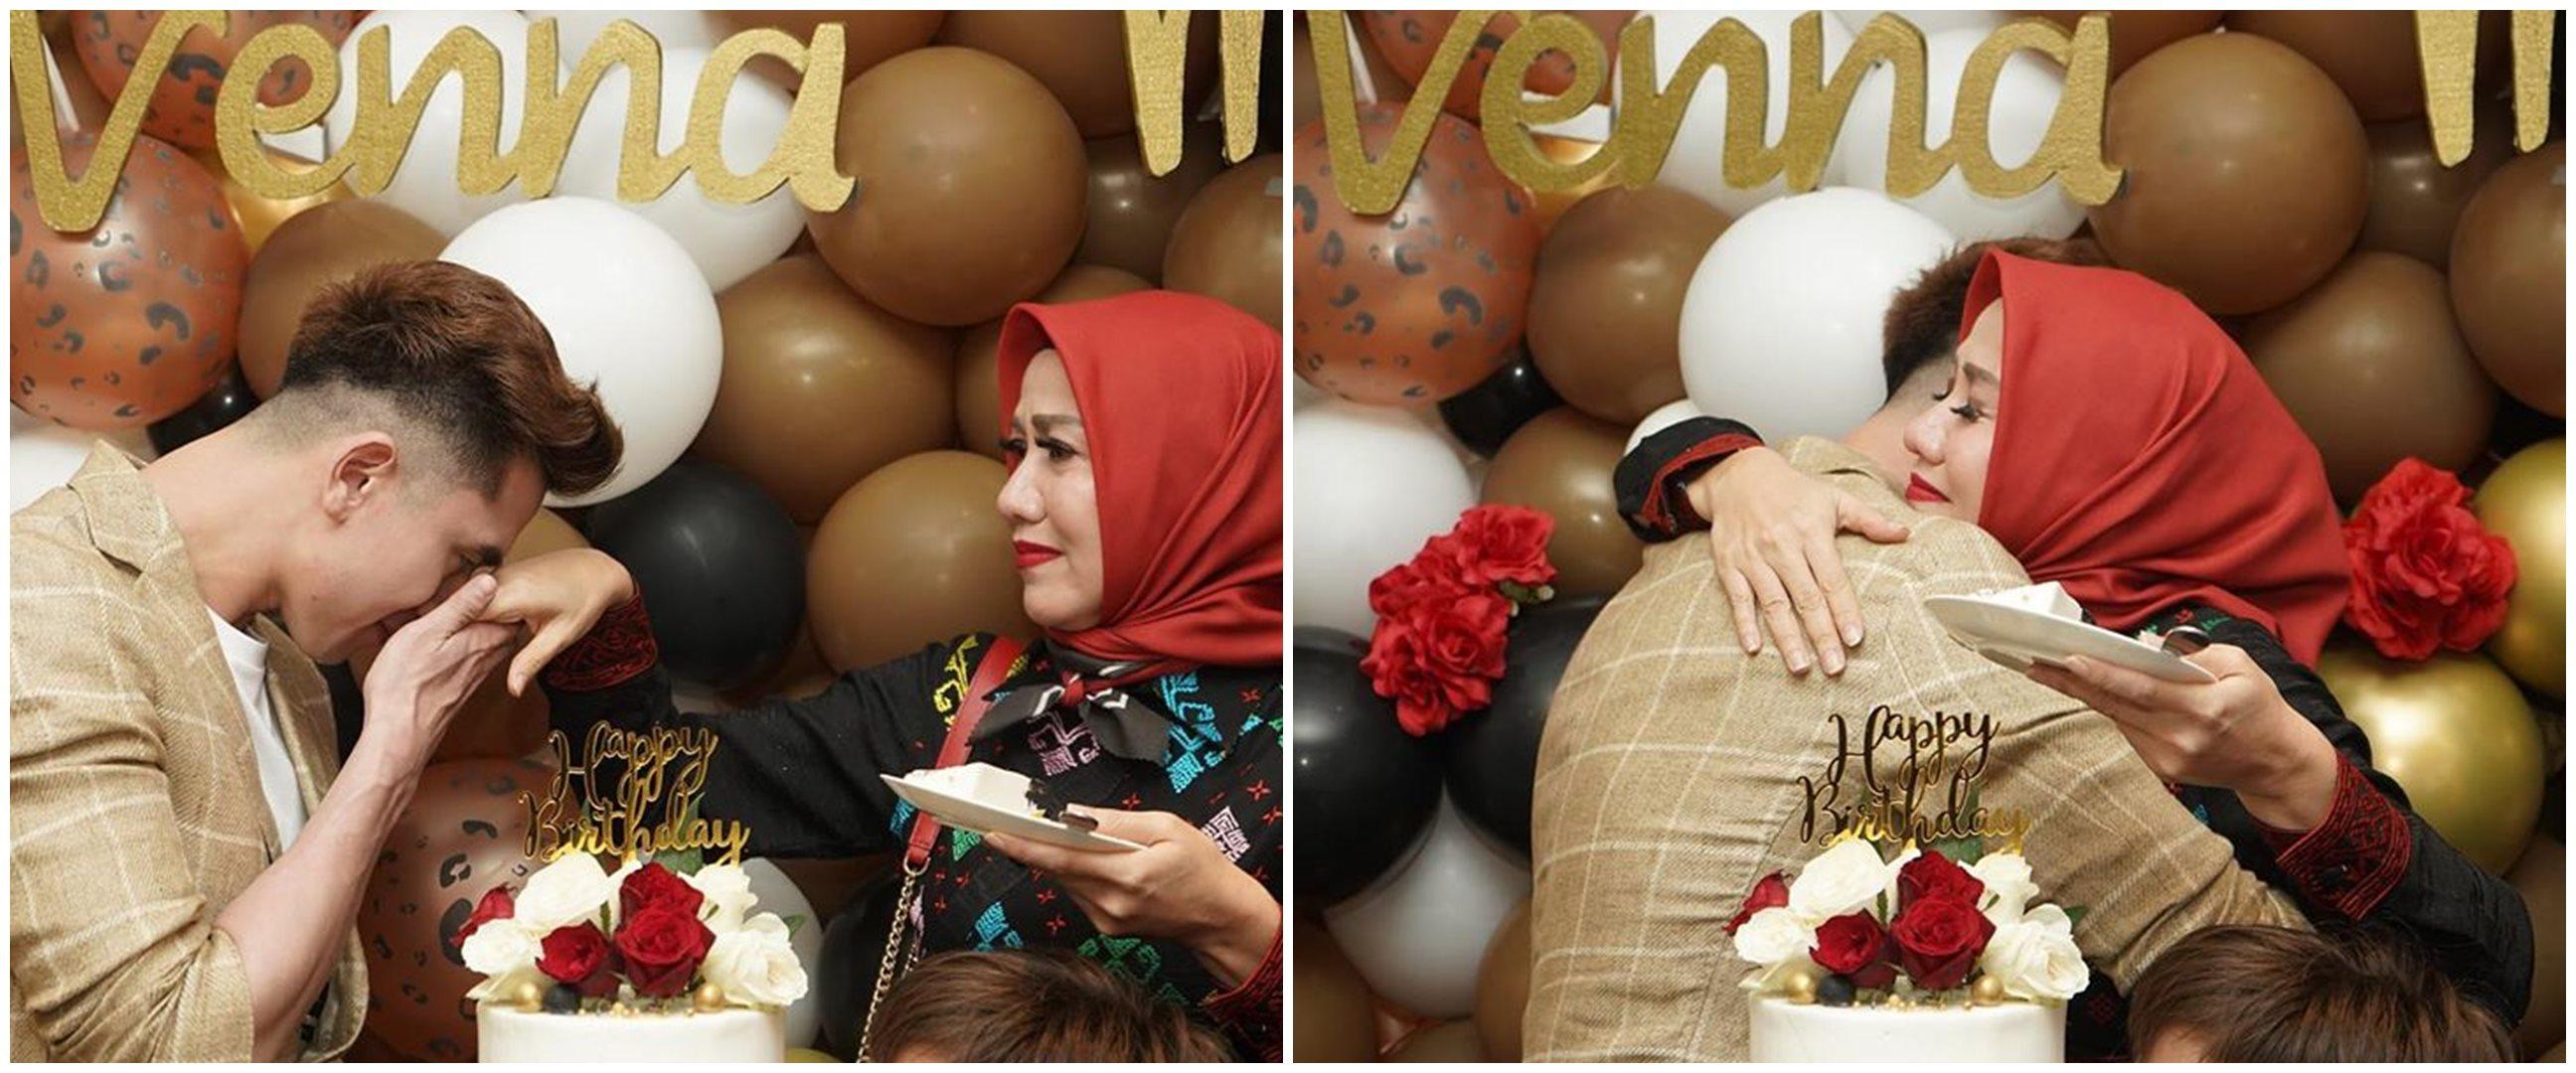 9 Momen ulang tahun Venna Melinda, Verrell beri ucapan menyentuh